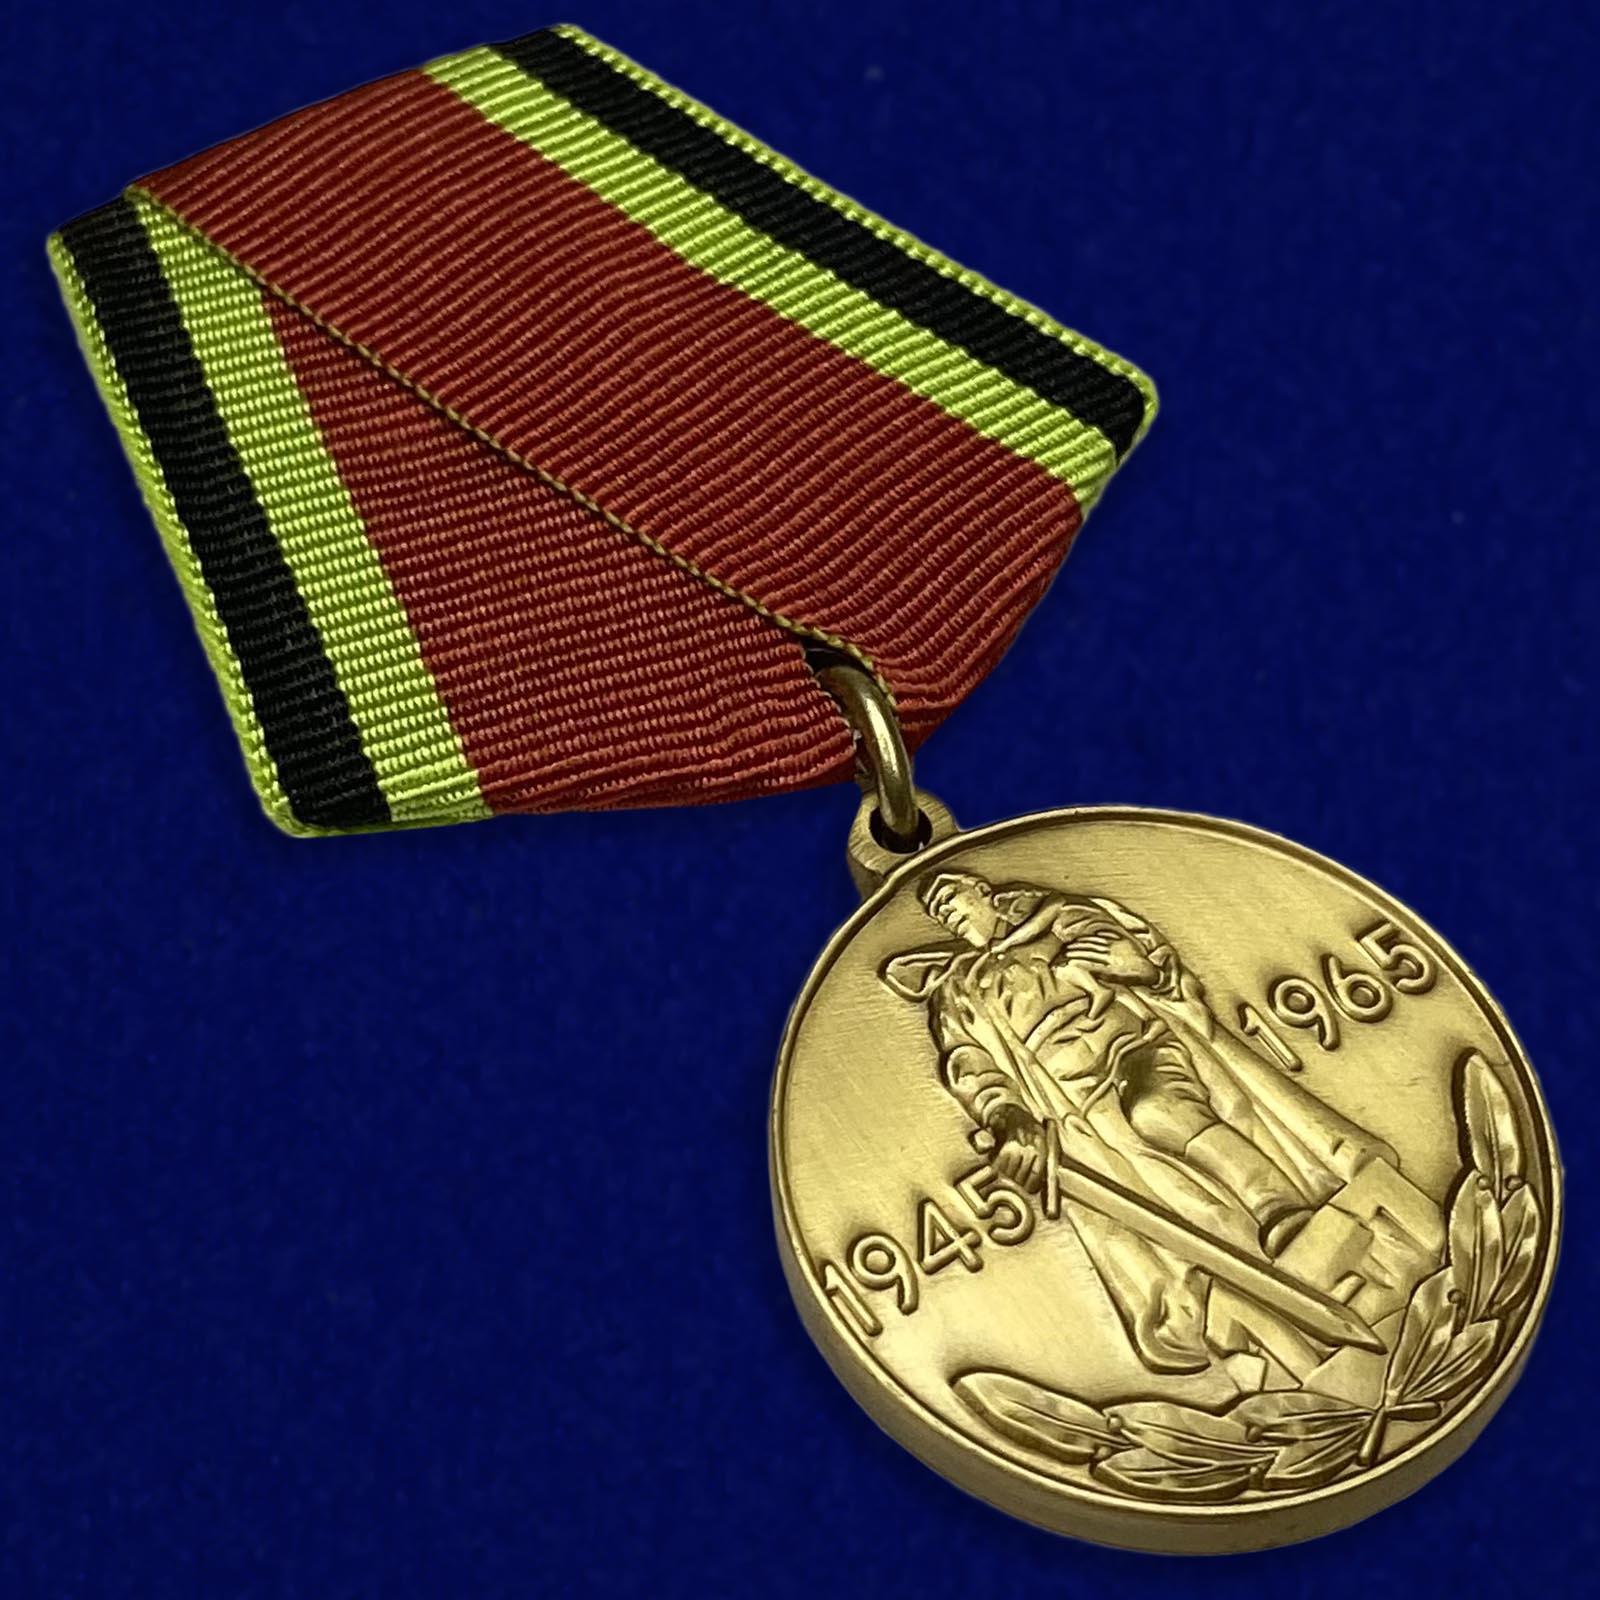 Юбилейная медаль «20 лет Победы в Великой Отечественной войне. 1945—1965»